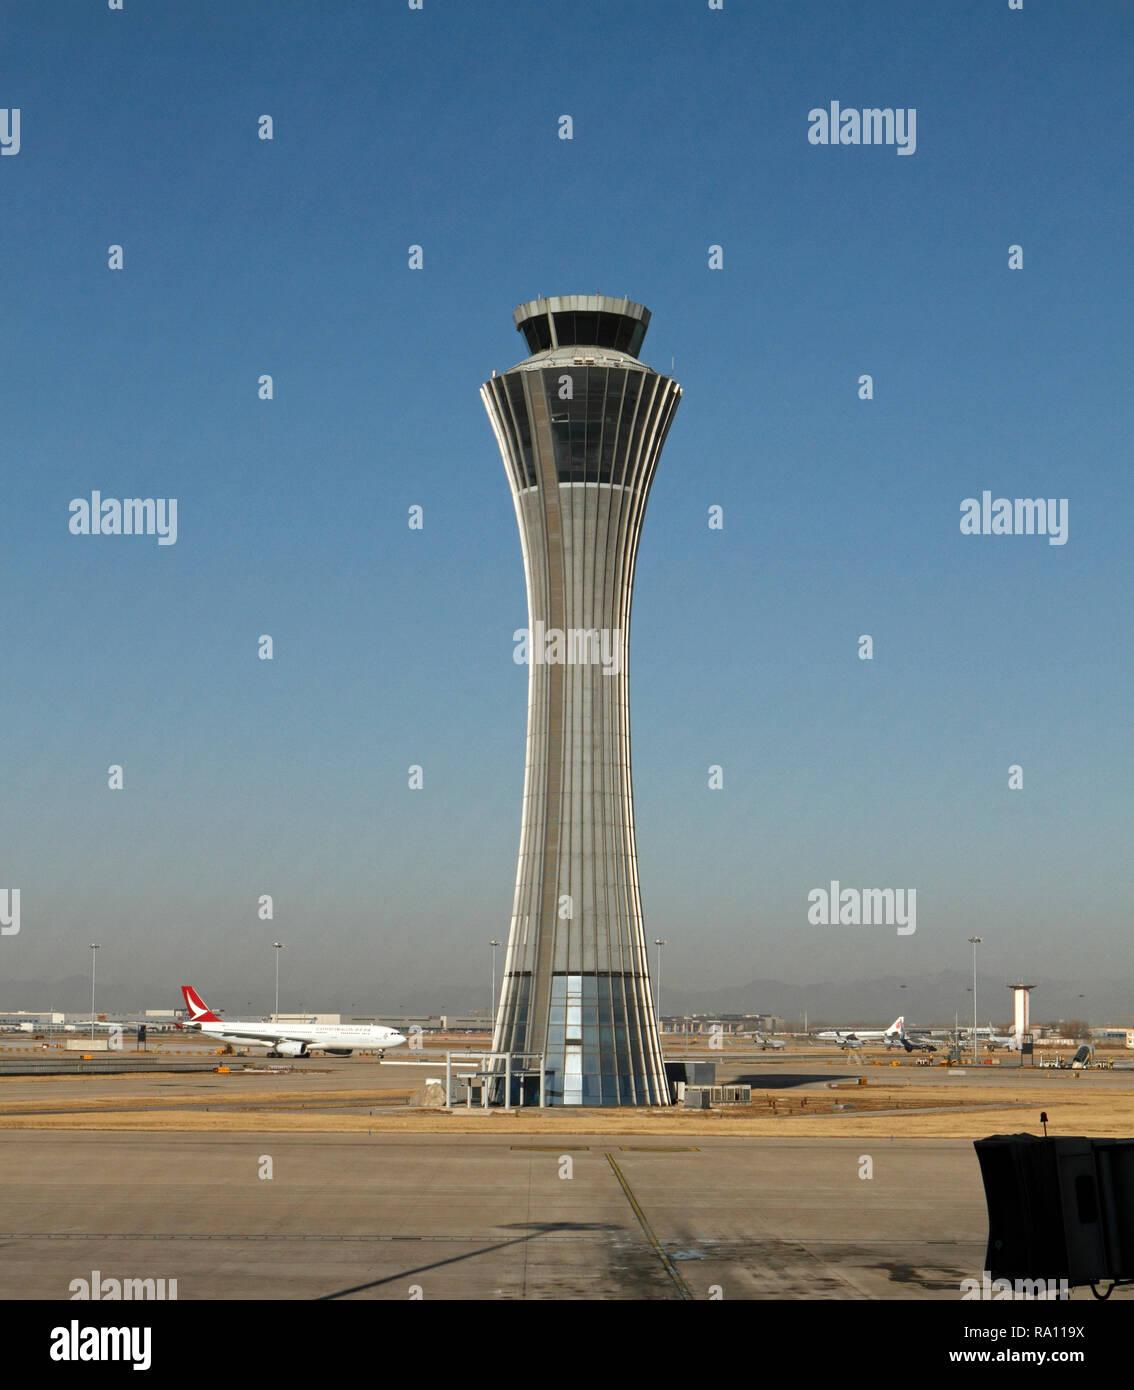 El Aeropuerto Internacional de Pekín, China y pasando por la torre de control en la Terminal 3. Foto de stock